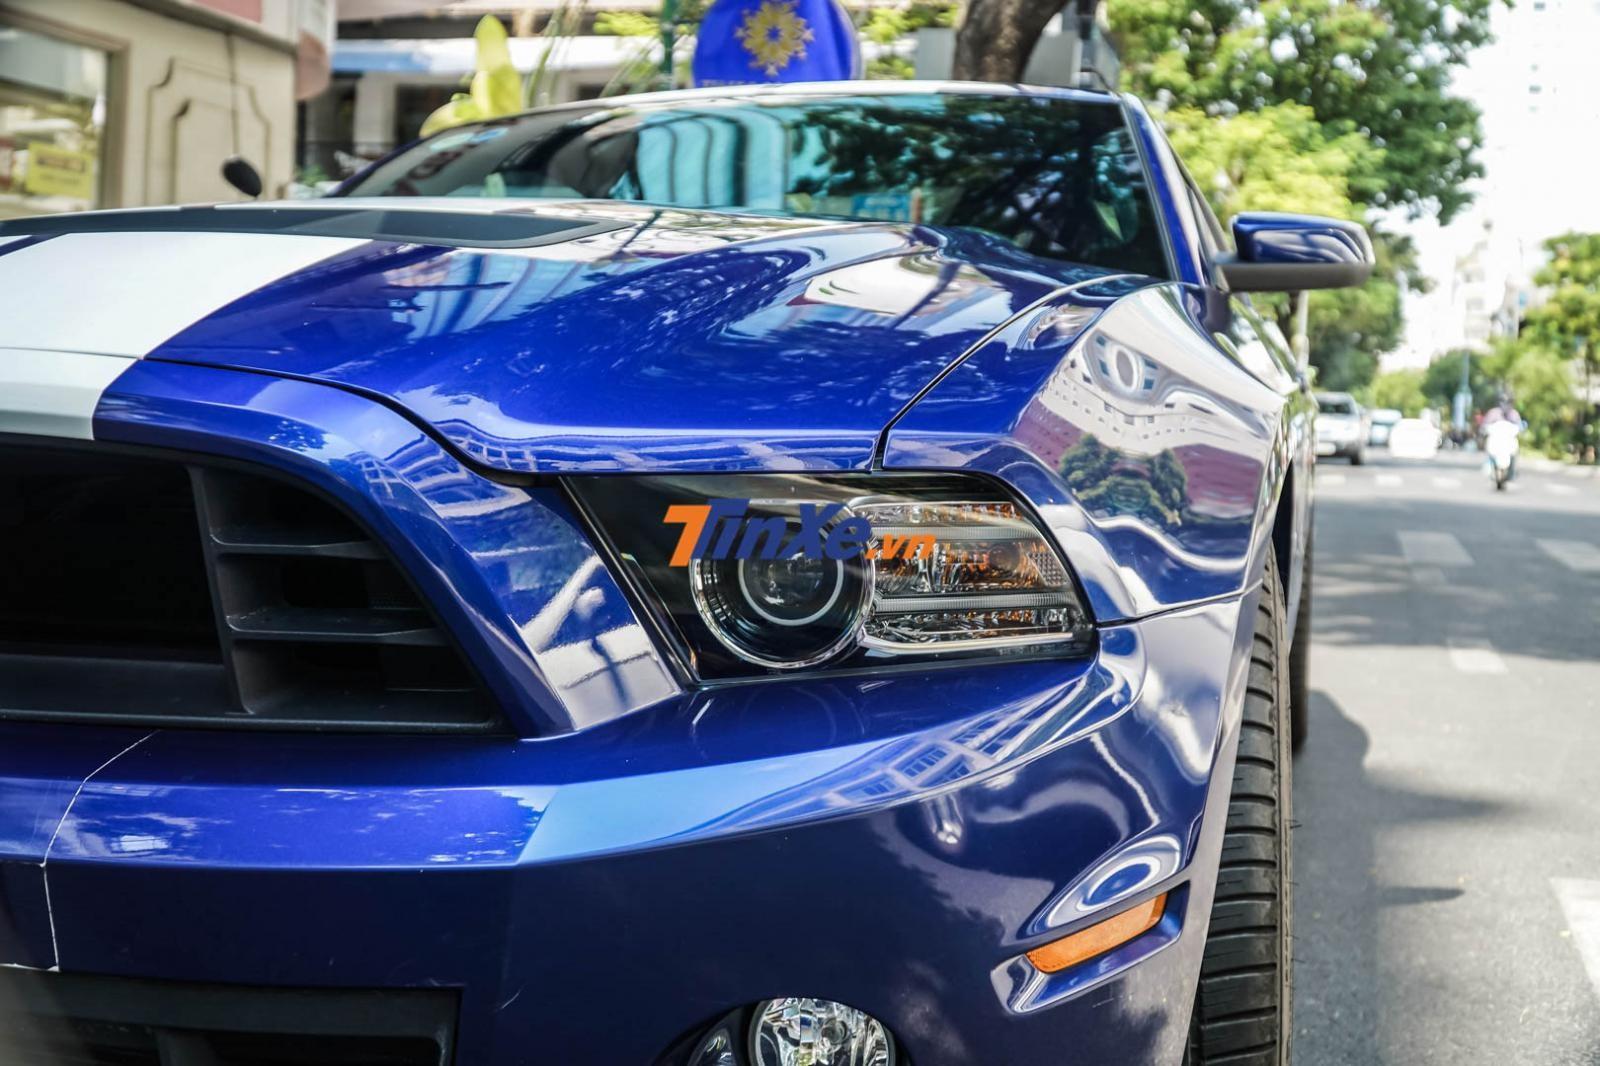 Cặp đèn pha cho biết chiếc Ford Mustang Shelby GT500 này thuộc đời 2013